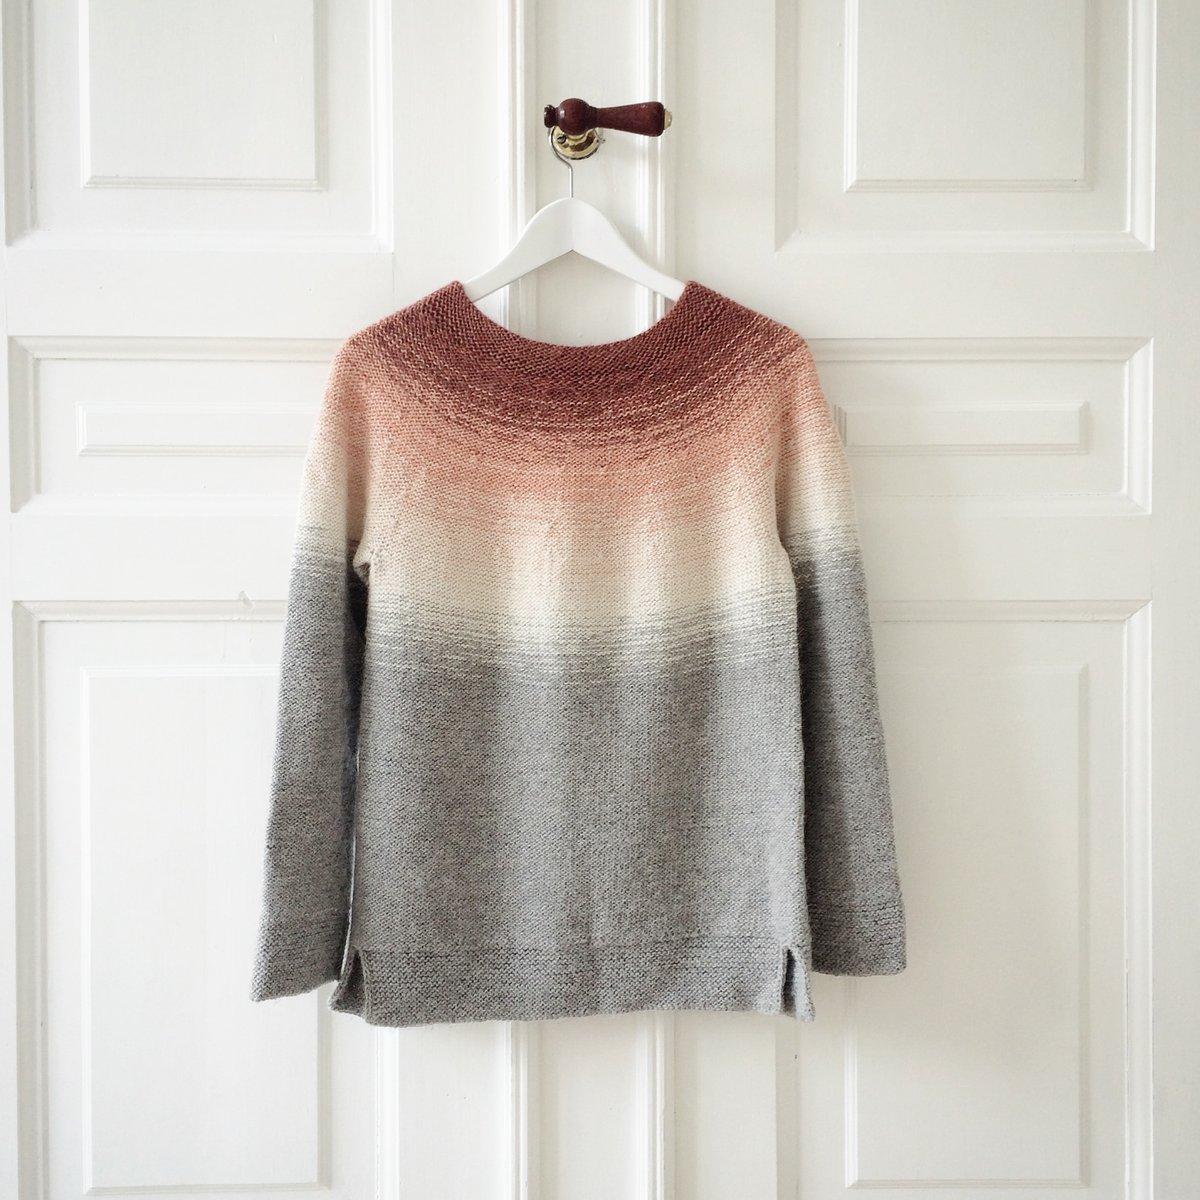 Image of Dip Dye Sweater